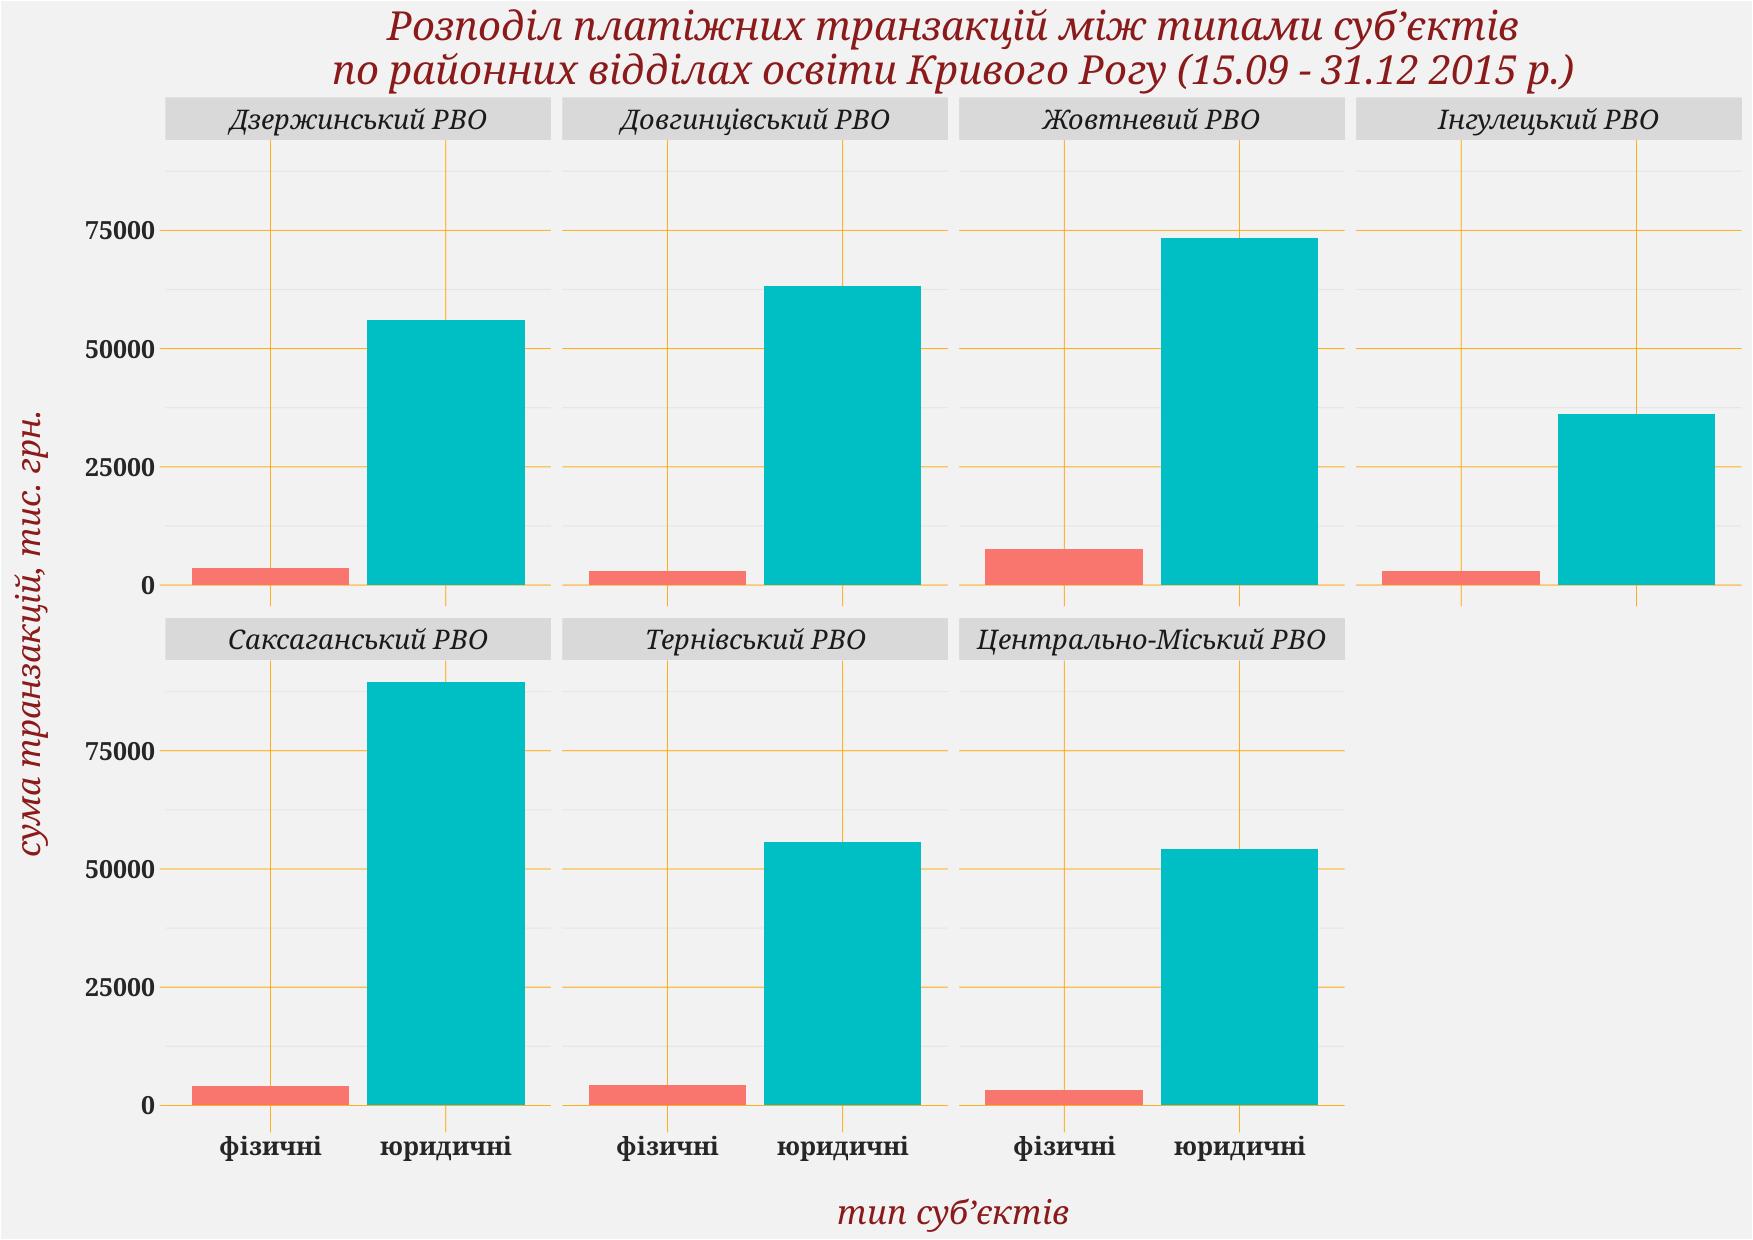 Розподіл платіжних транзакцій між типами суб'єктів по районних відділах освіти Кривого Рогу